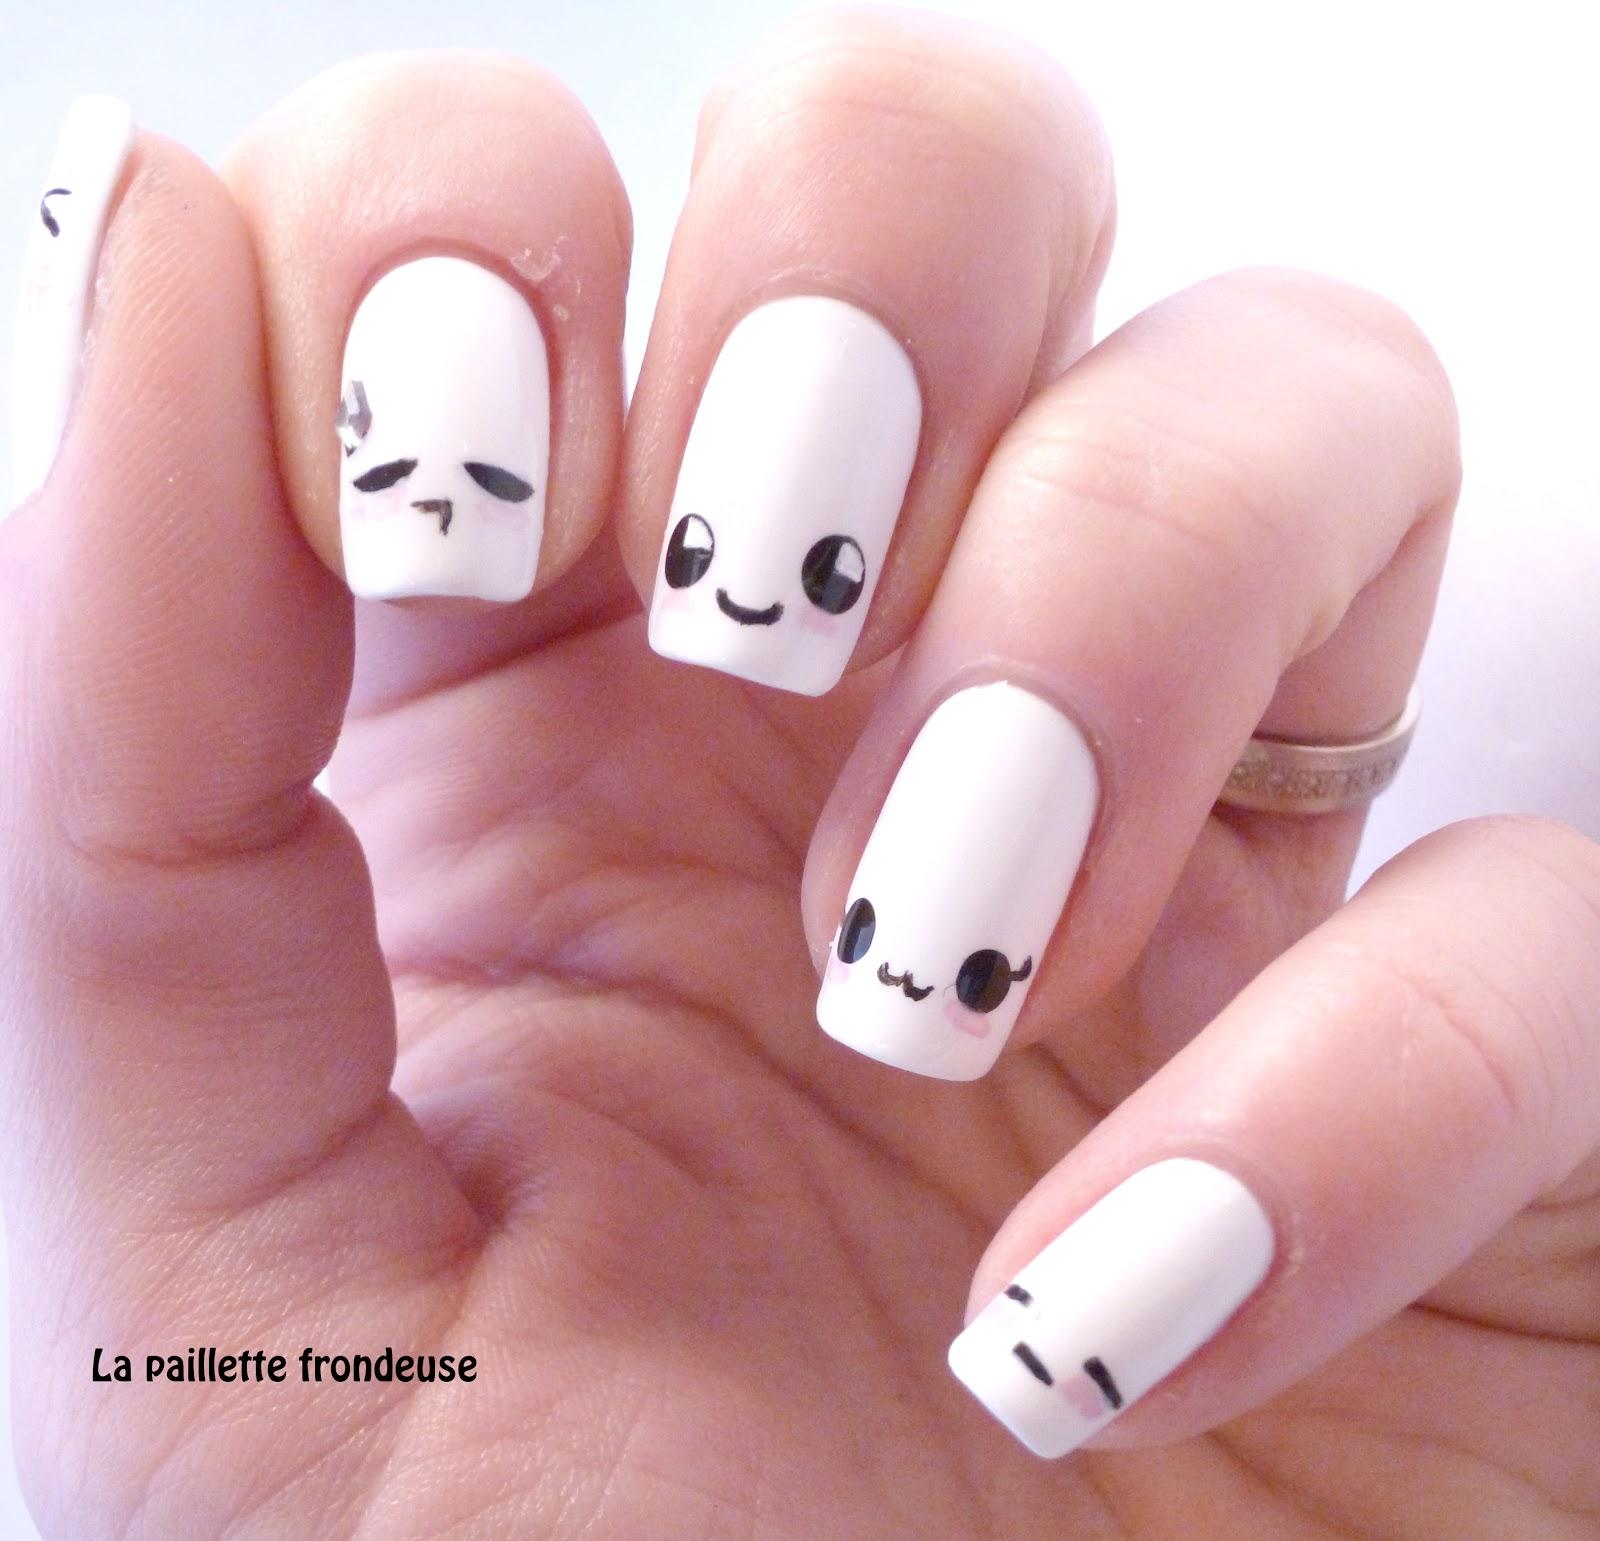 La paillette frondeuse: Sunday nail battle #42 // Kawaii nails moods